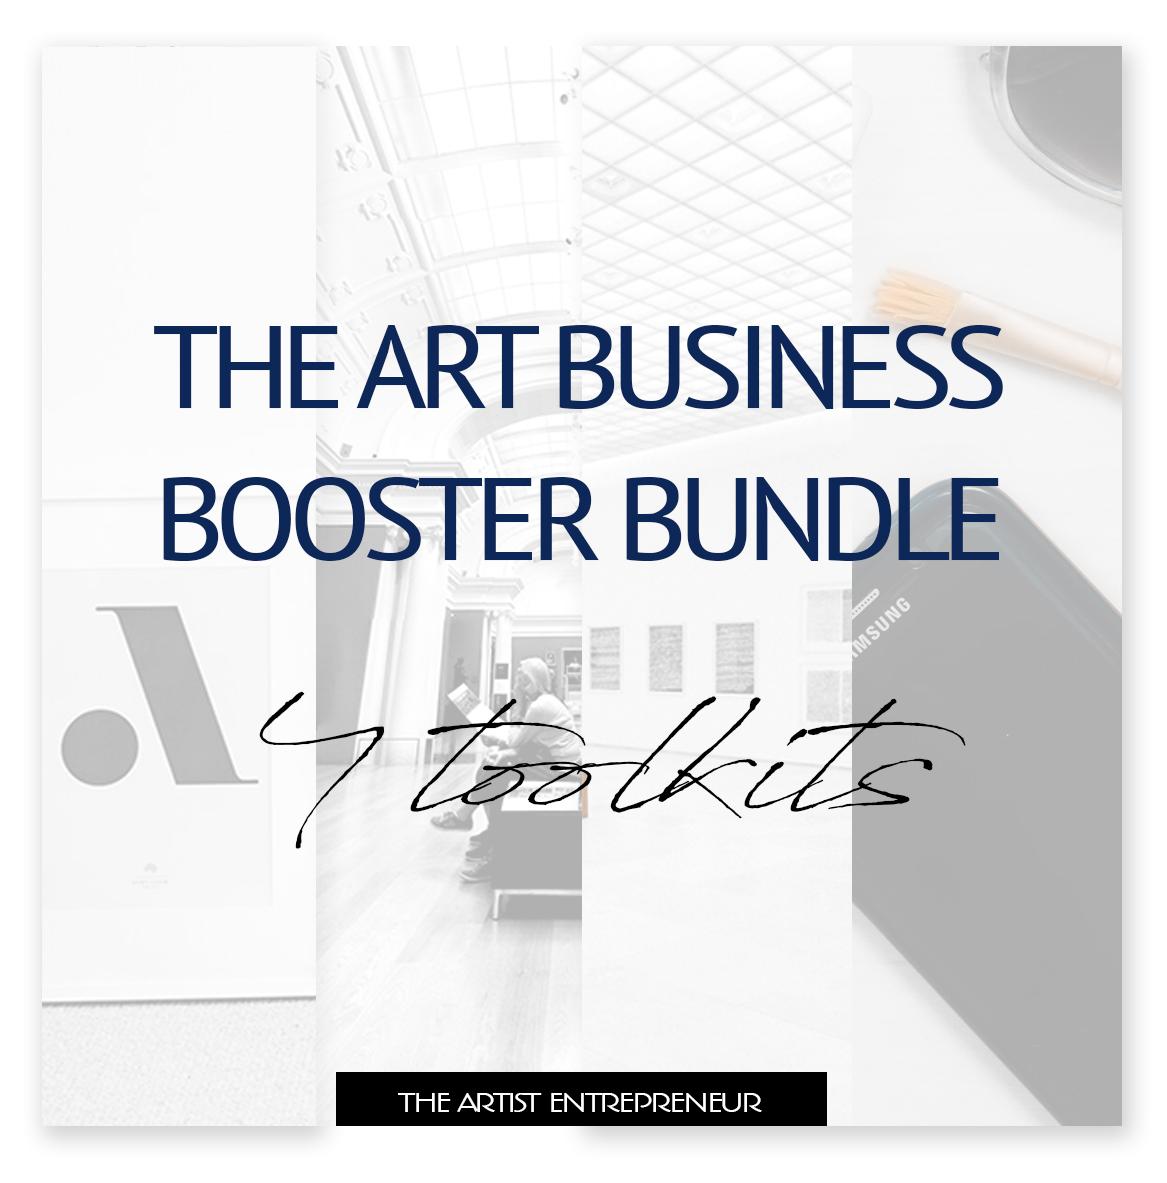 the art business bosster bundle_the artist entrepreneur_toolkit_for artists_catherine orer.jpg